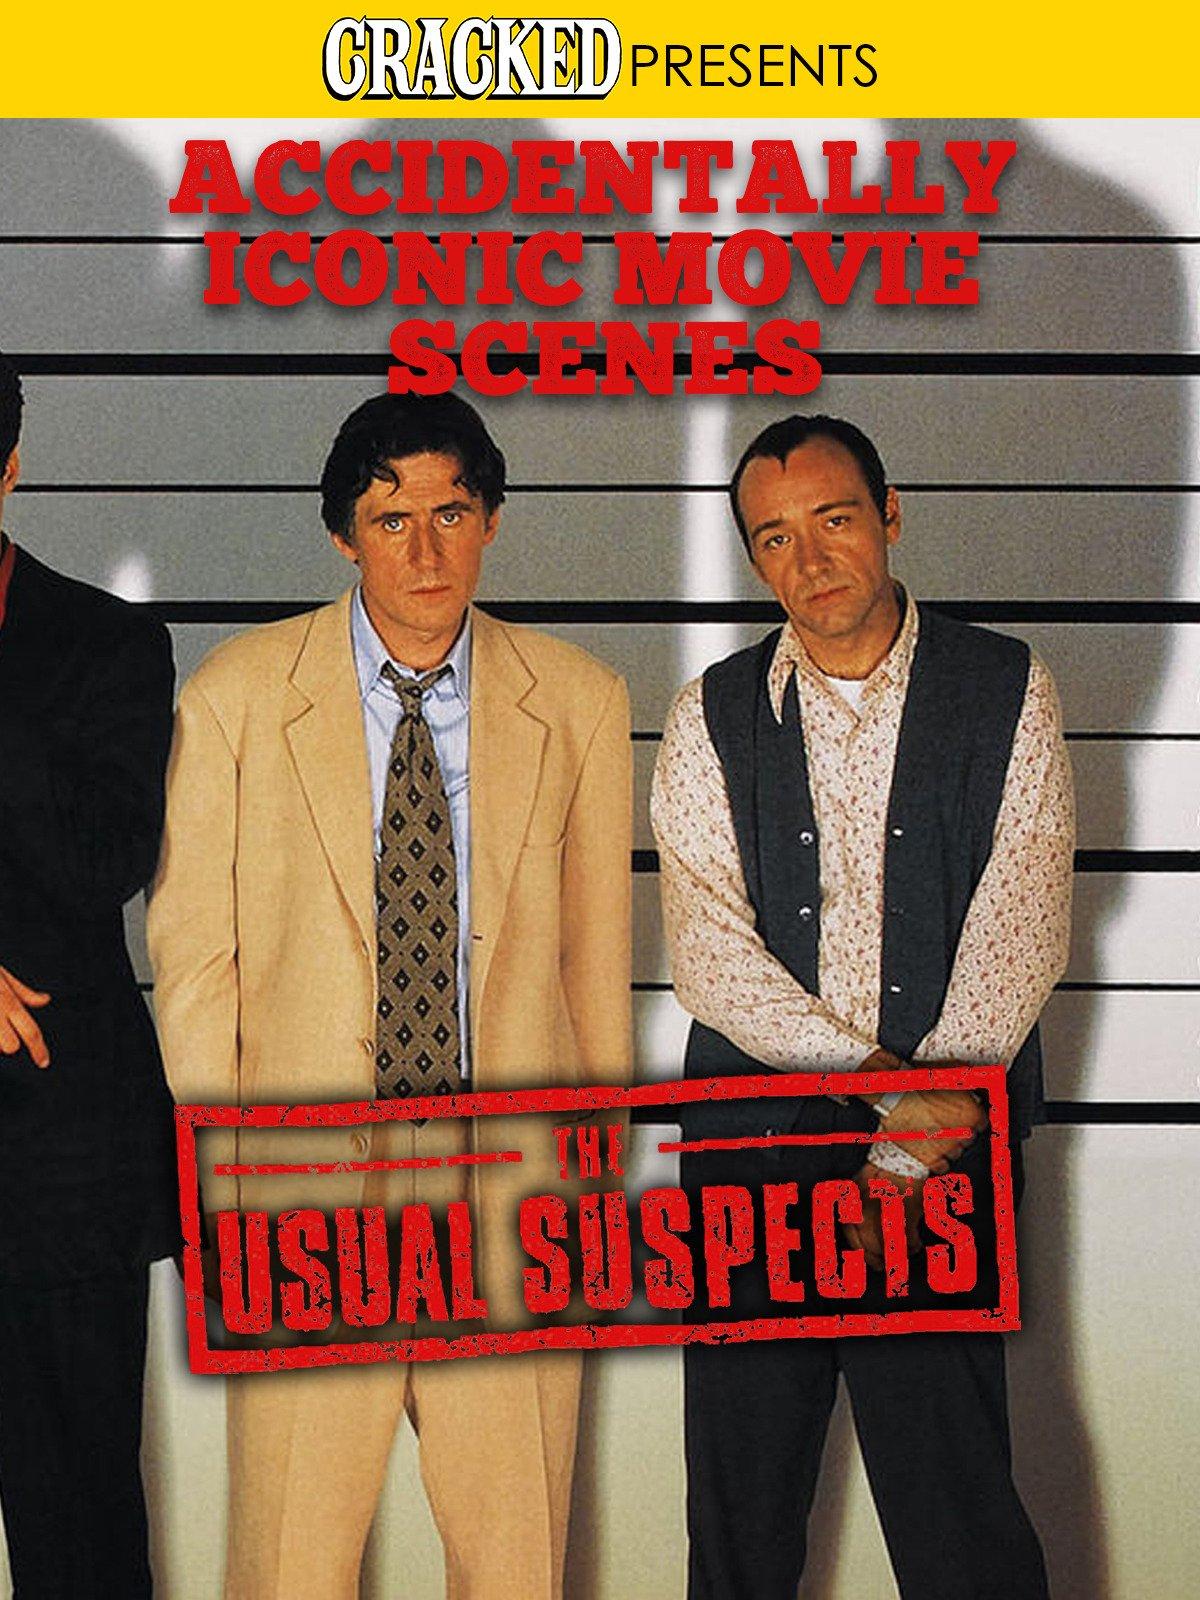 Accidentally Iconic Movie Scenes